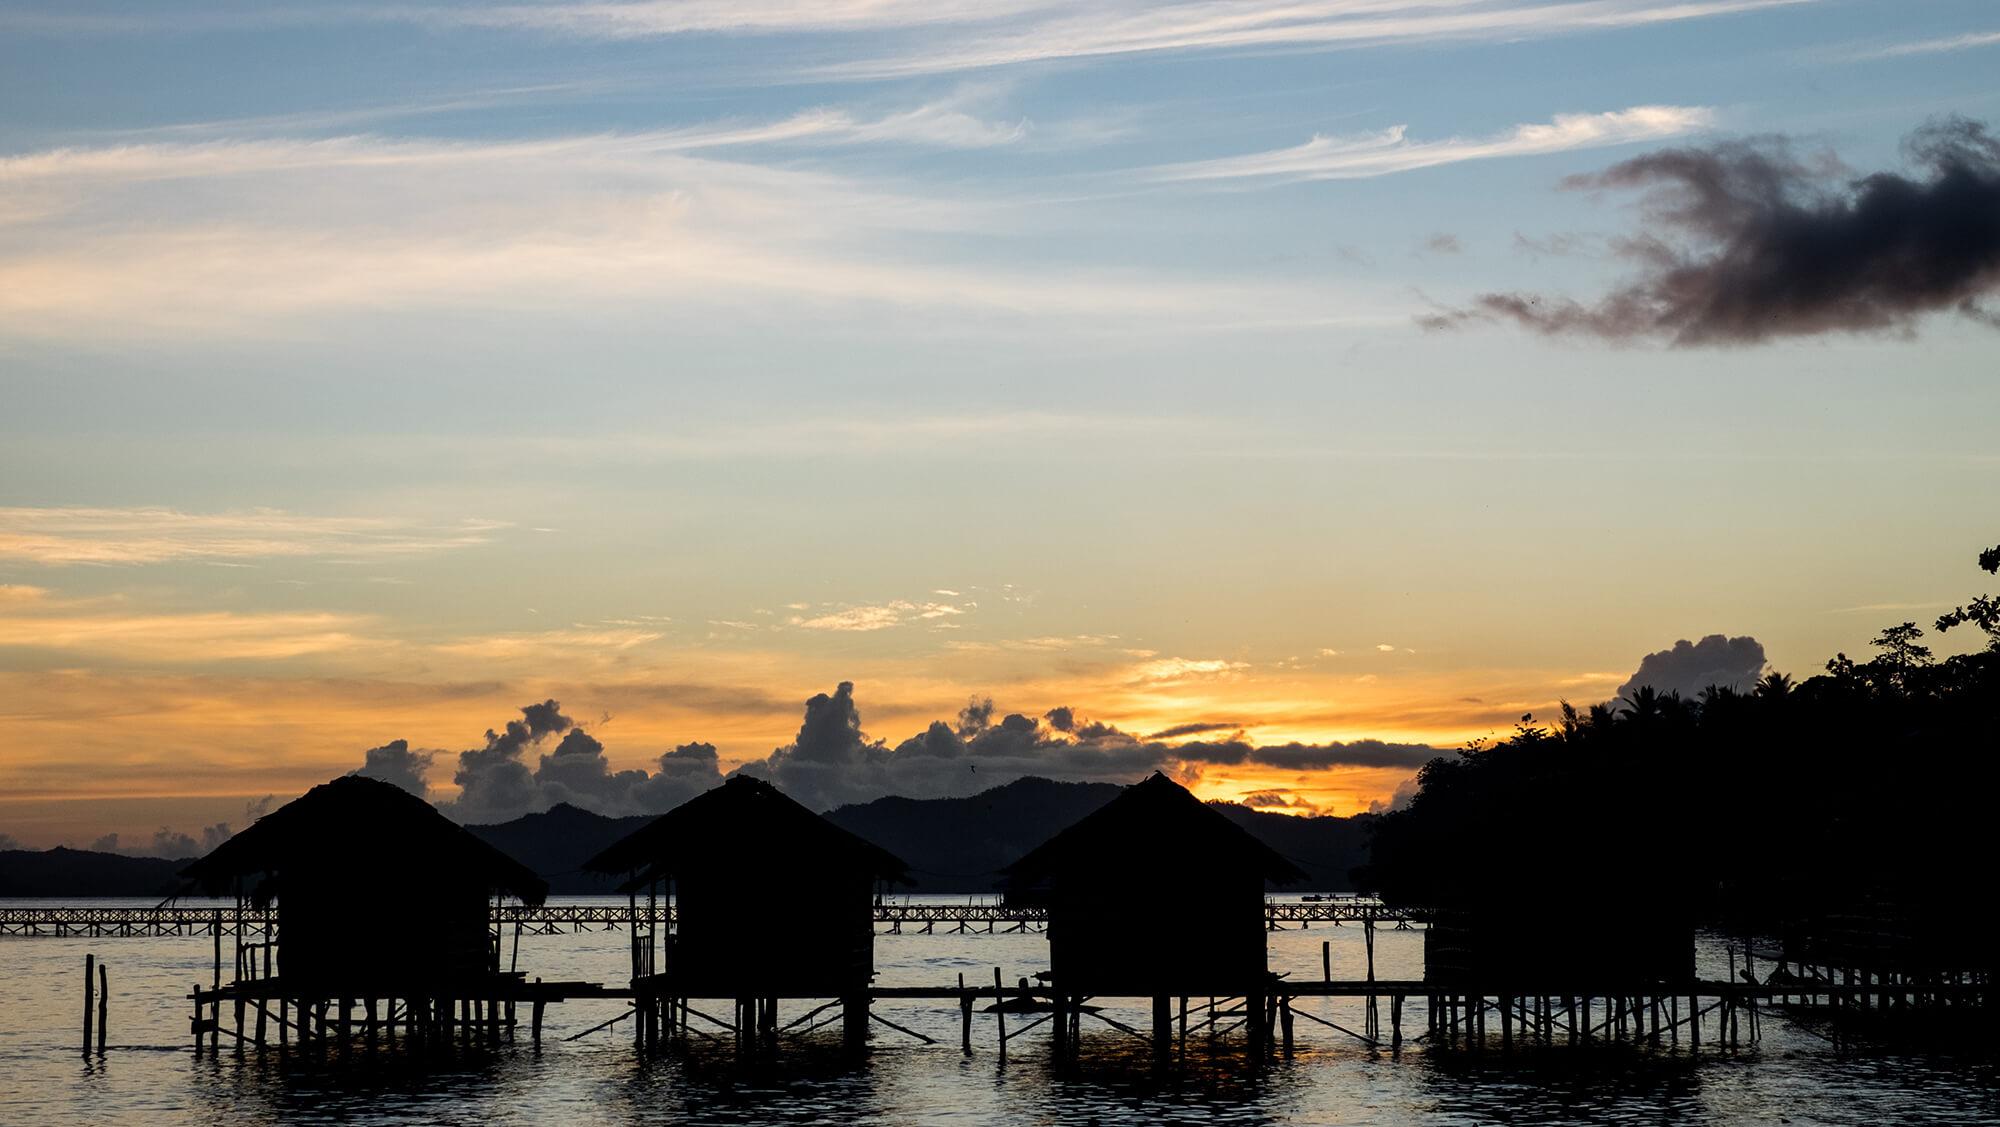 Atardecer en Raja Ampat con cabañas sobre el agua de Papúa